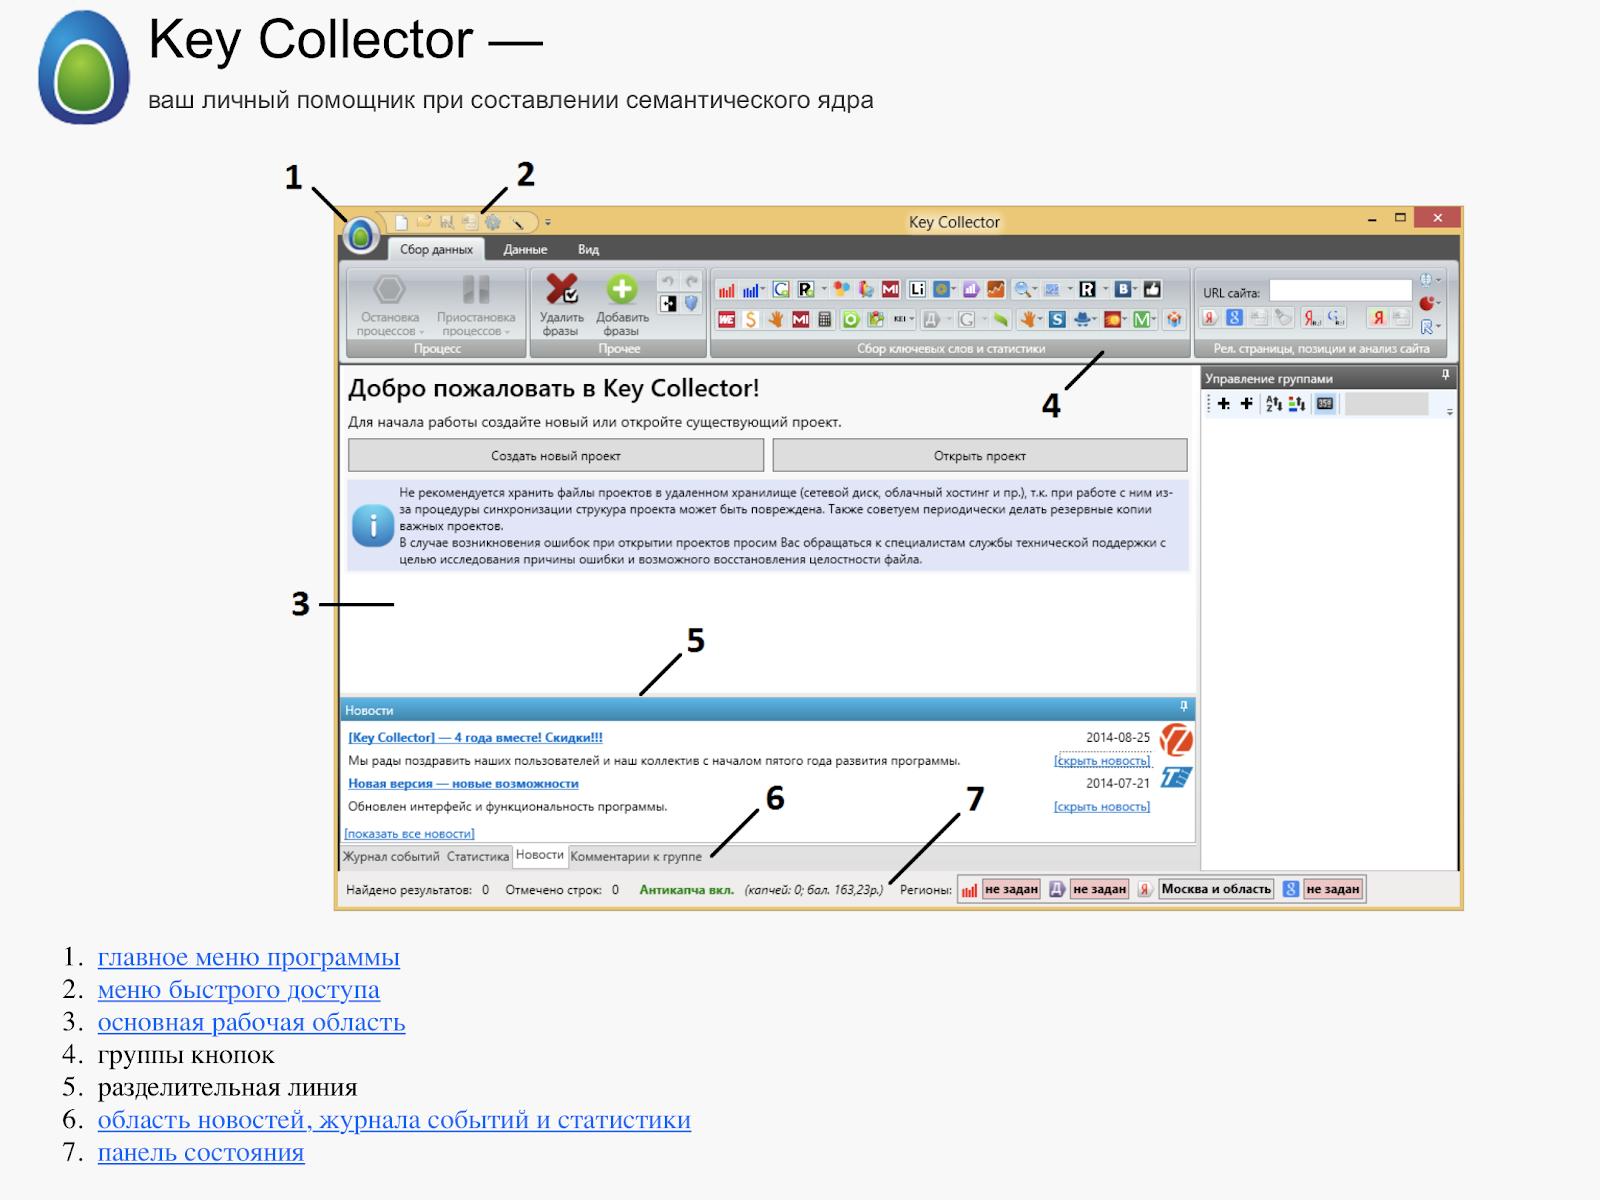 Key Collector позволяет снять позиции сайта и оценить СЯ